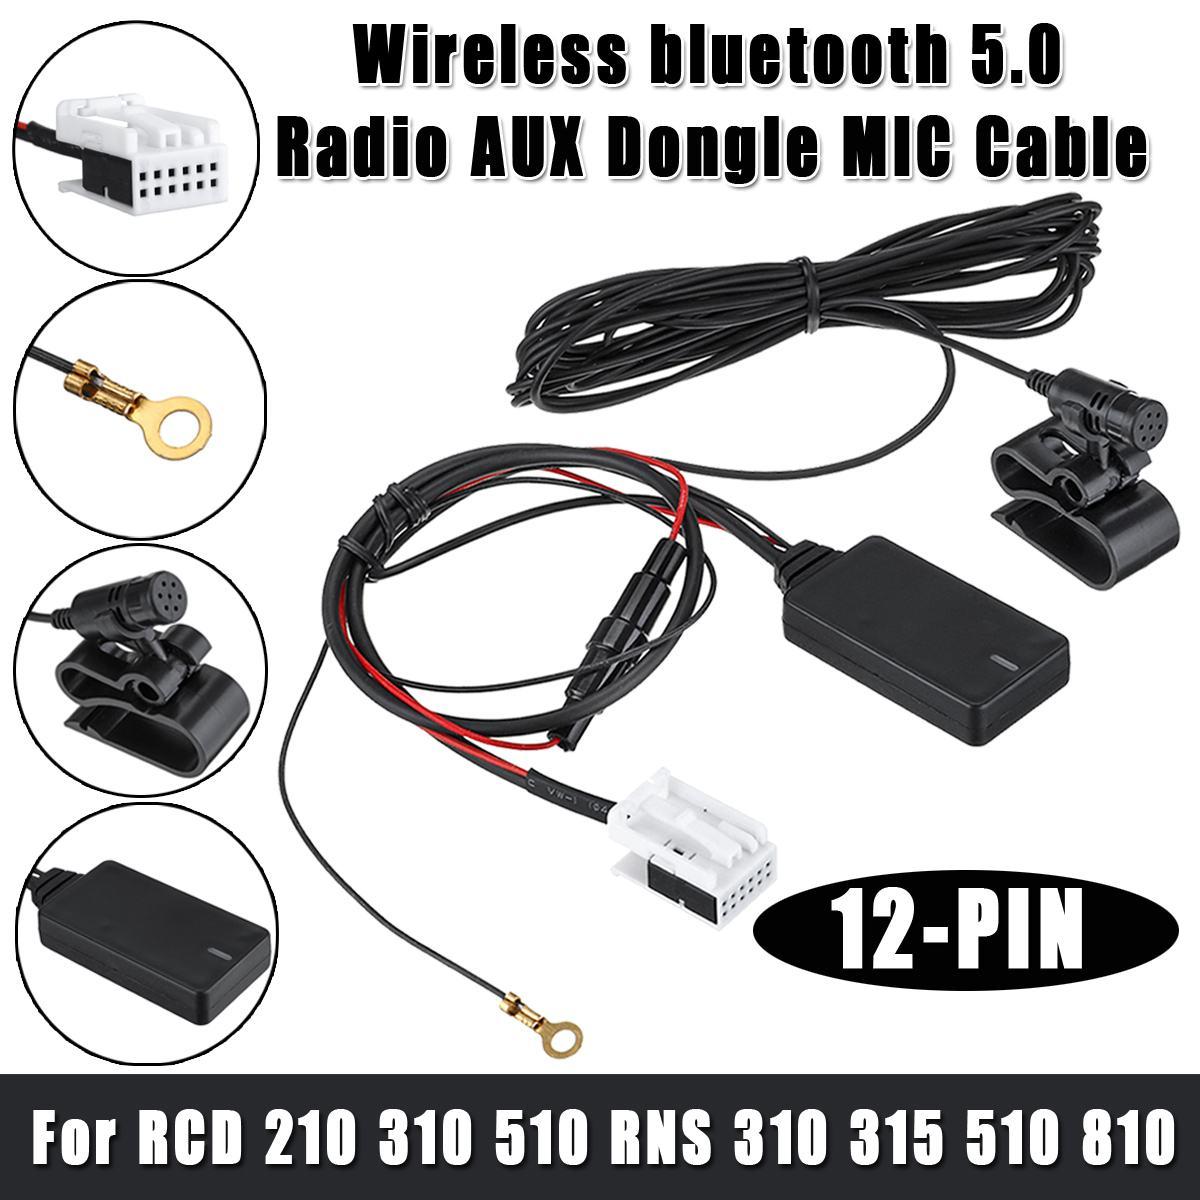 12Pin AUX Dongle MIC для VW, автомобильный радиоприемник громкой связи для Skoda RCD 210 310 510 RNS 310 315 510 810, беспроводной bluetooth 5,0